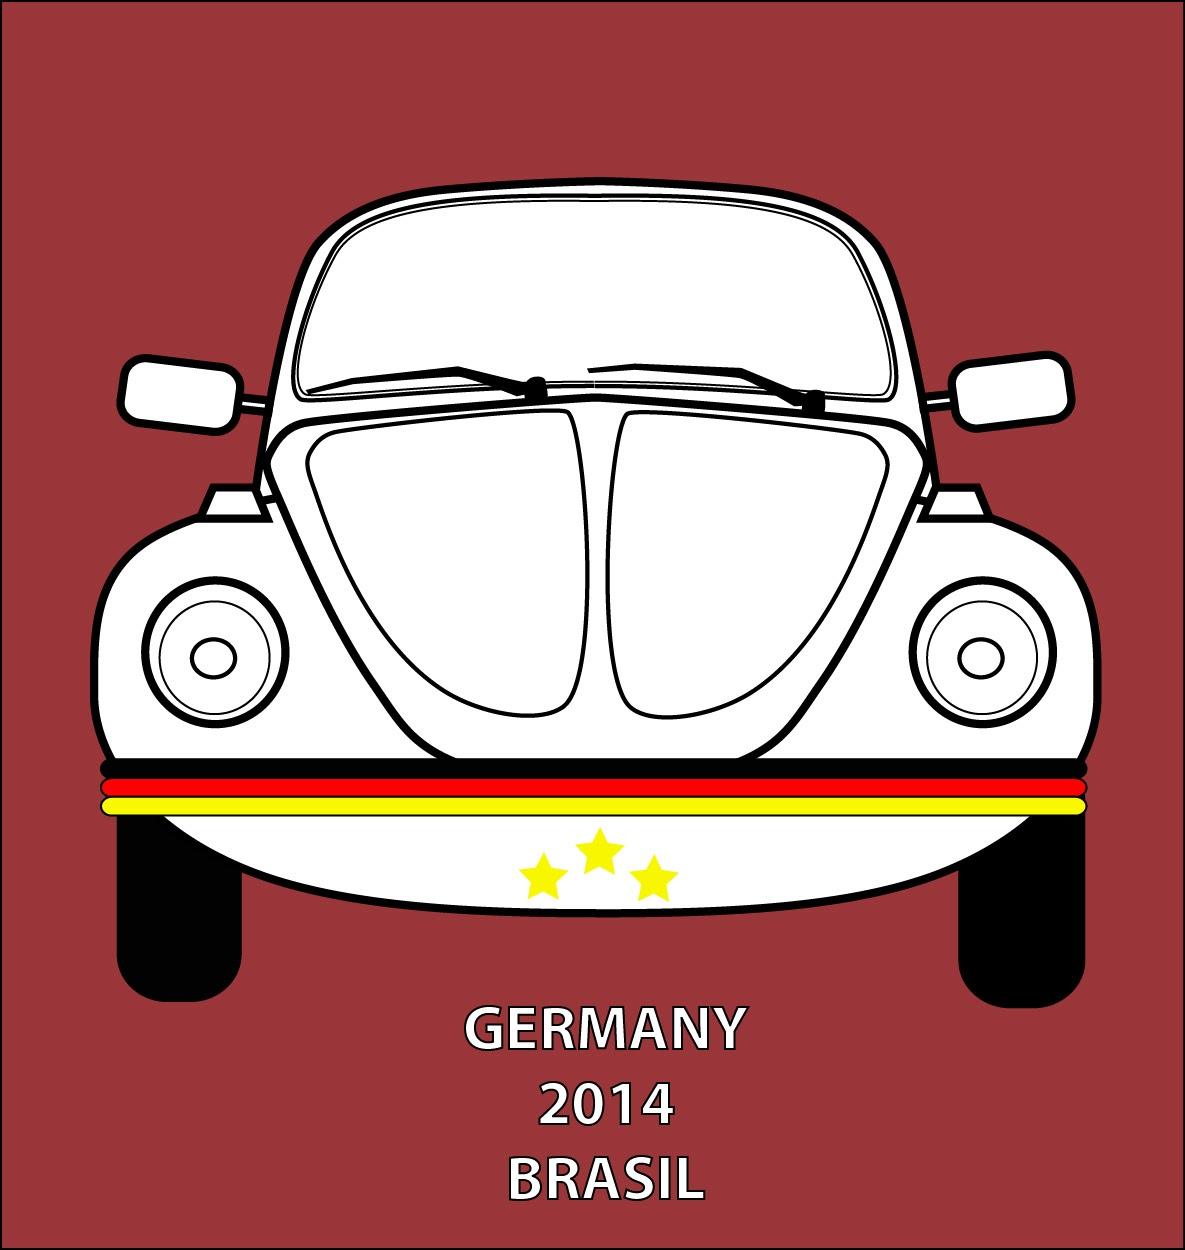 WM Brasil 2014: Germany